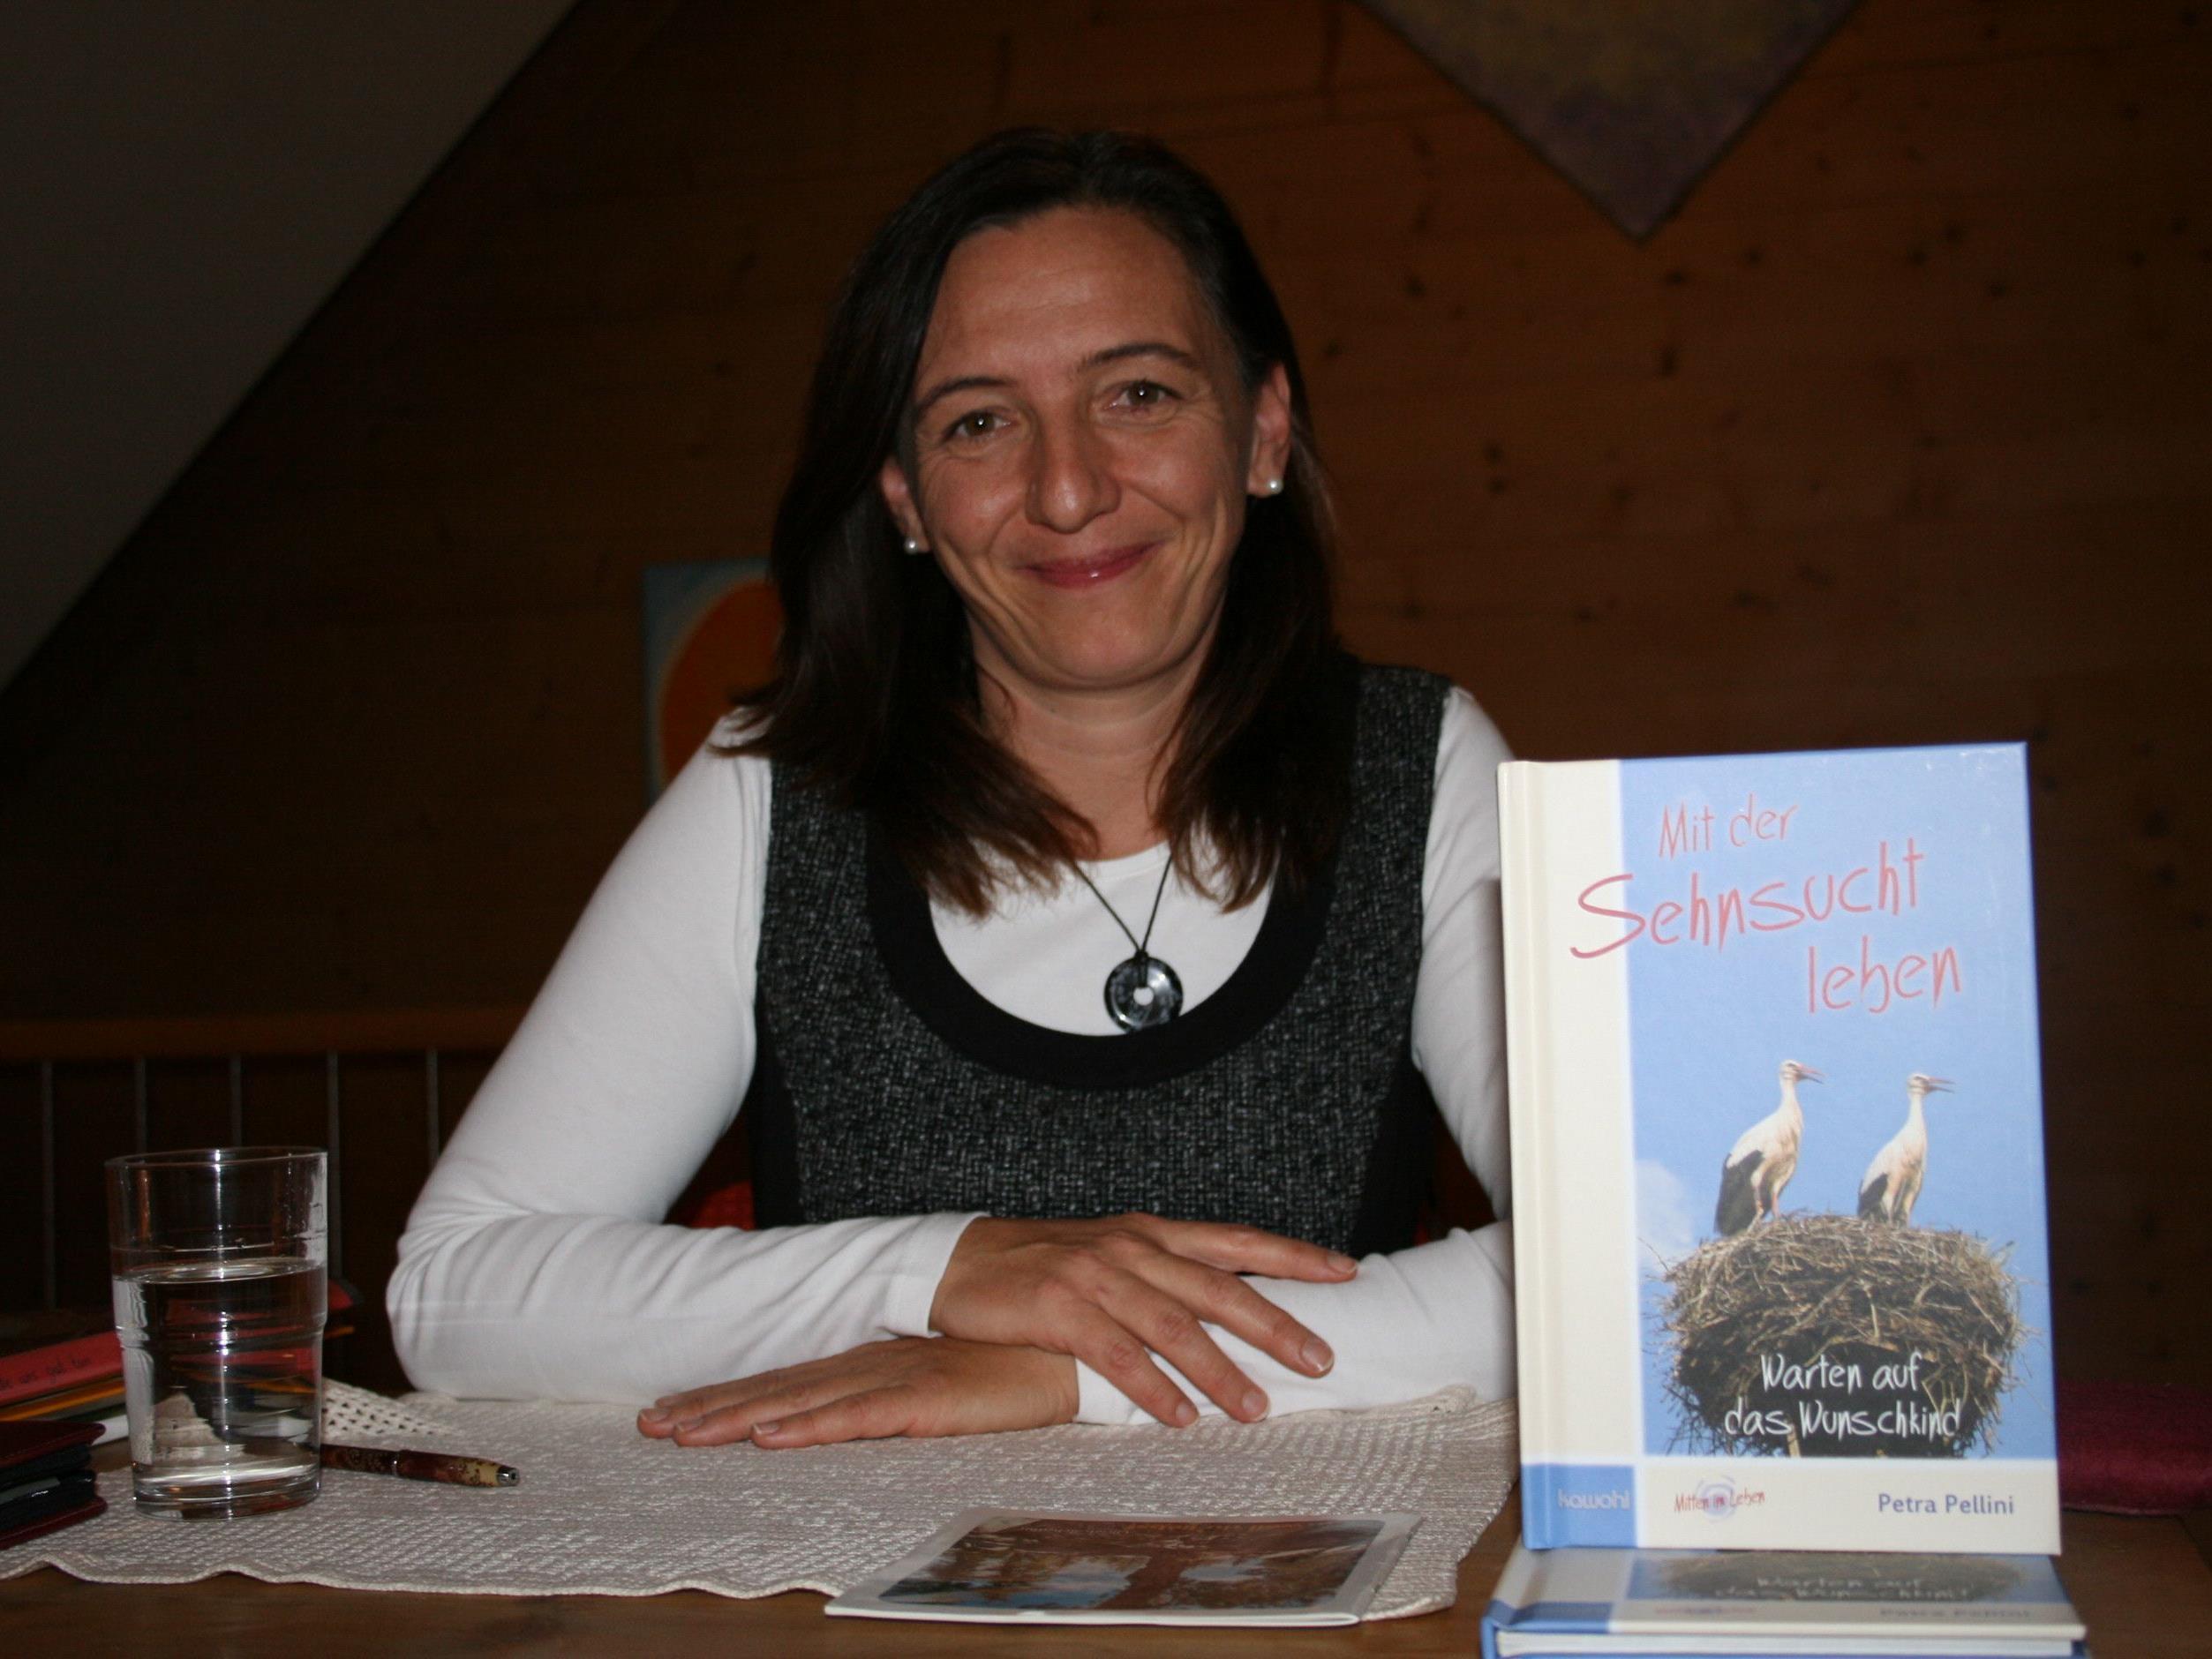 Petra Pellini las in Feldkirch.